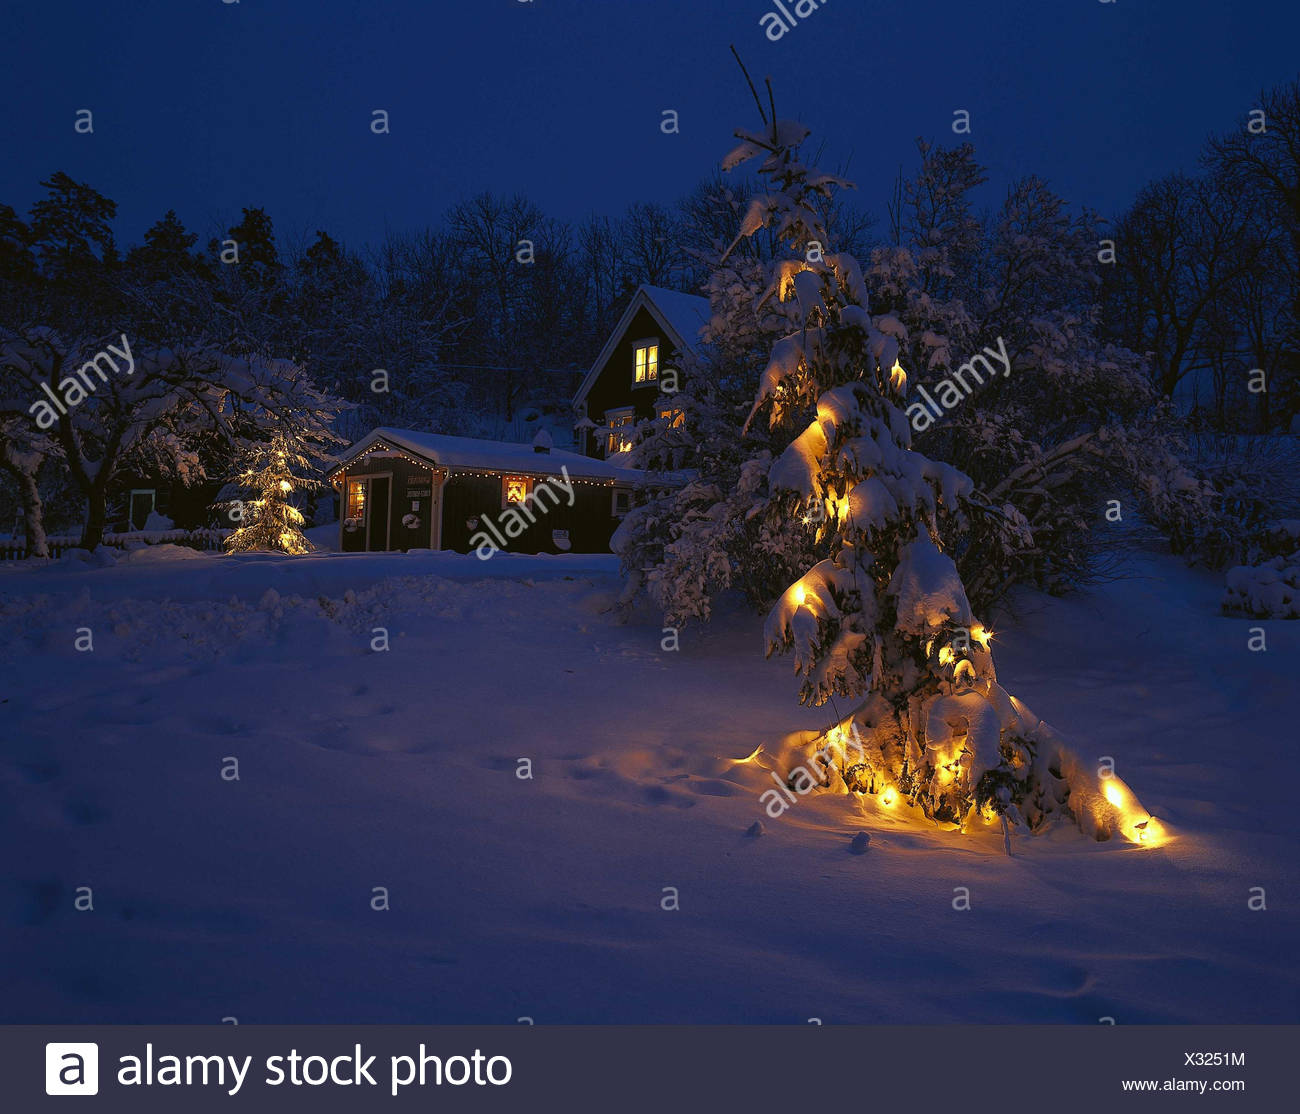 Christmas Tree Sweden: Sweden, Uppland, Wira Bruk, Residential House, Christmas